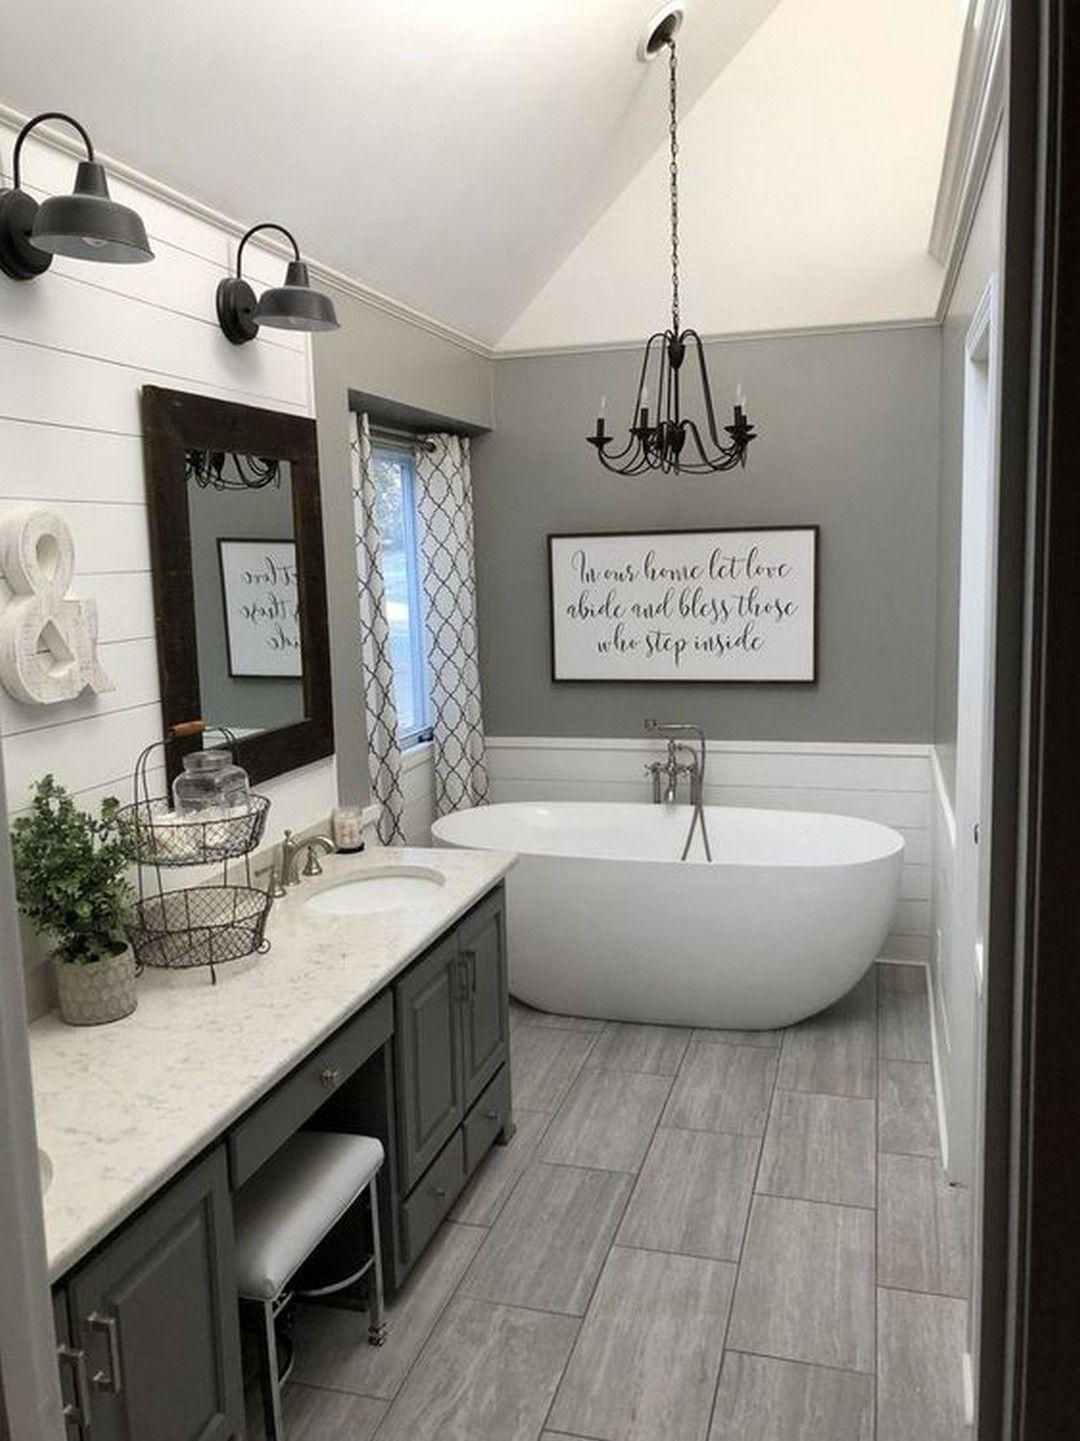 Wie man einen perfekten Blick des Bauernhaus-Badezimmers mit diesen rustikalen Entwürfen erzeugt #rusticbathroomdesigns